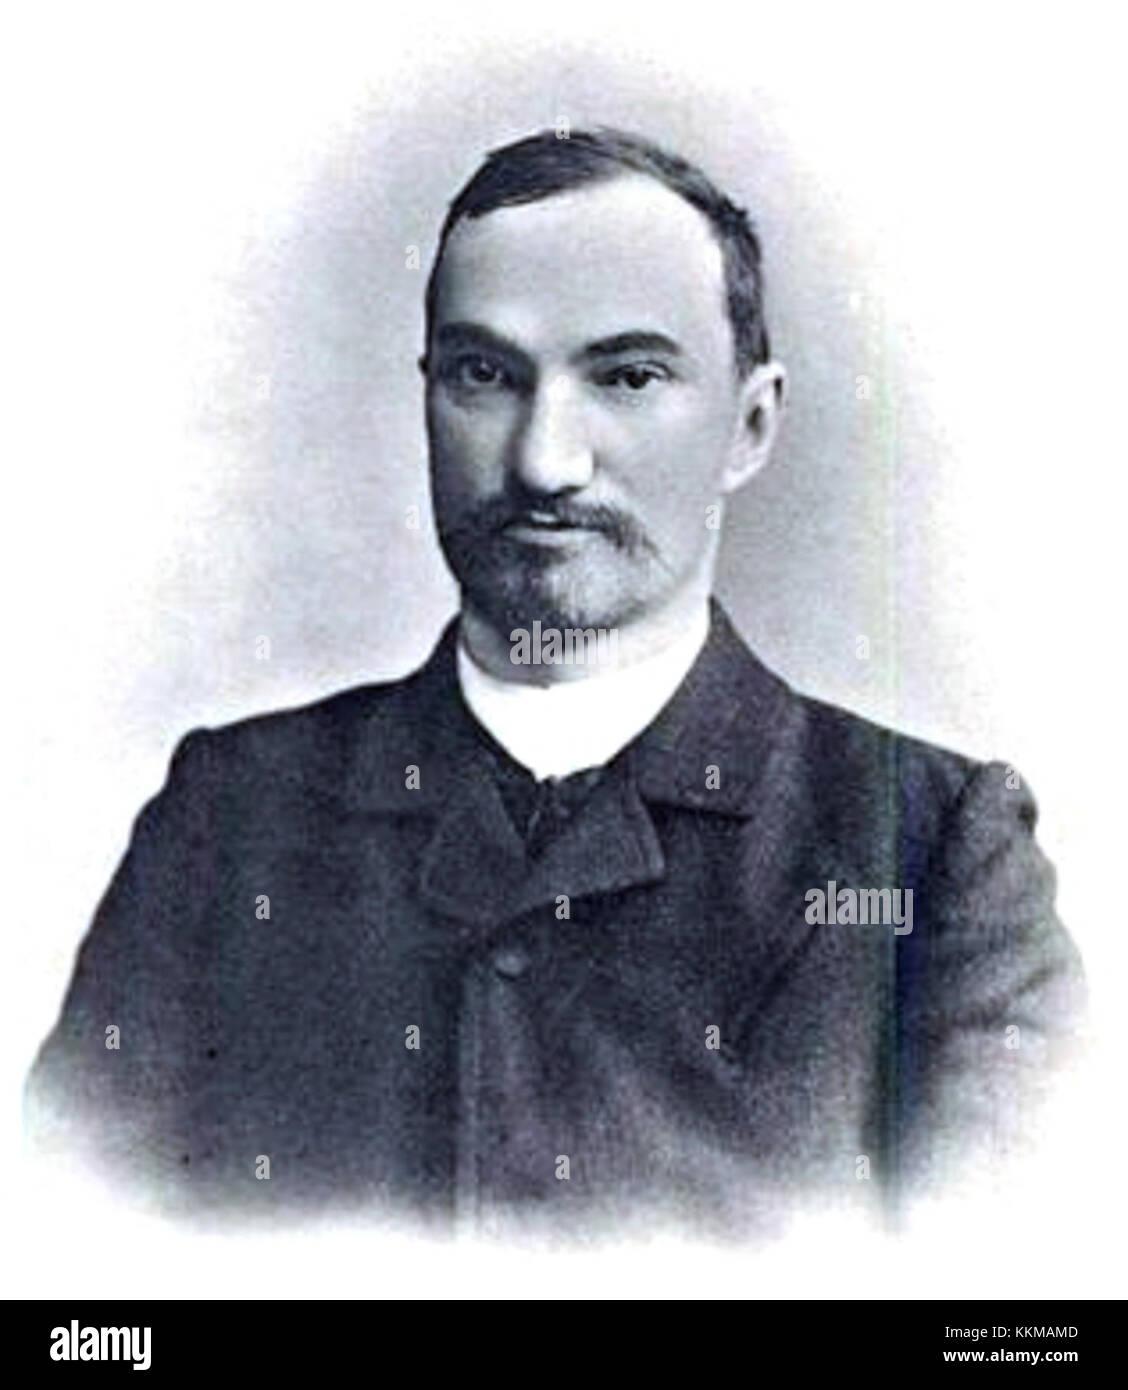 Kotlyarevskiy SA - Stock Image